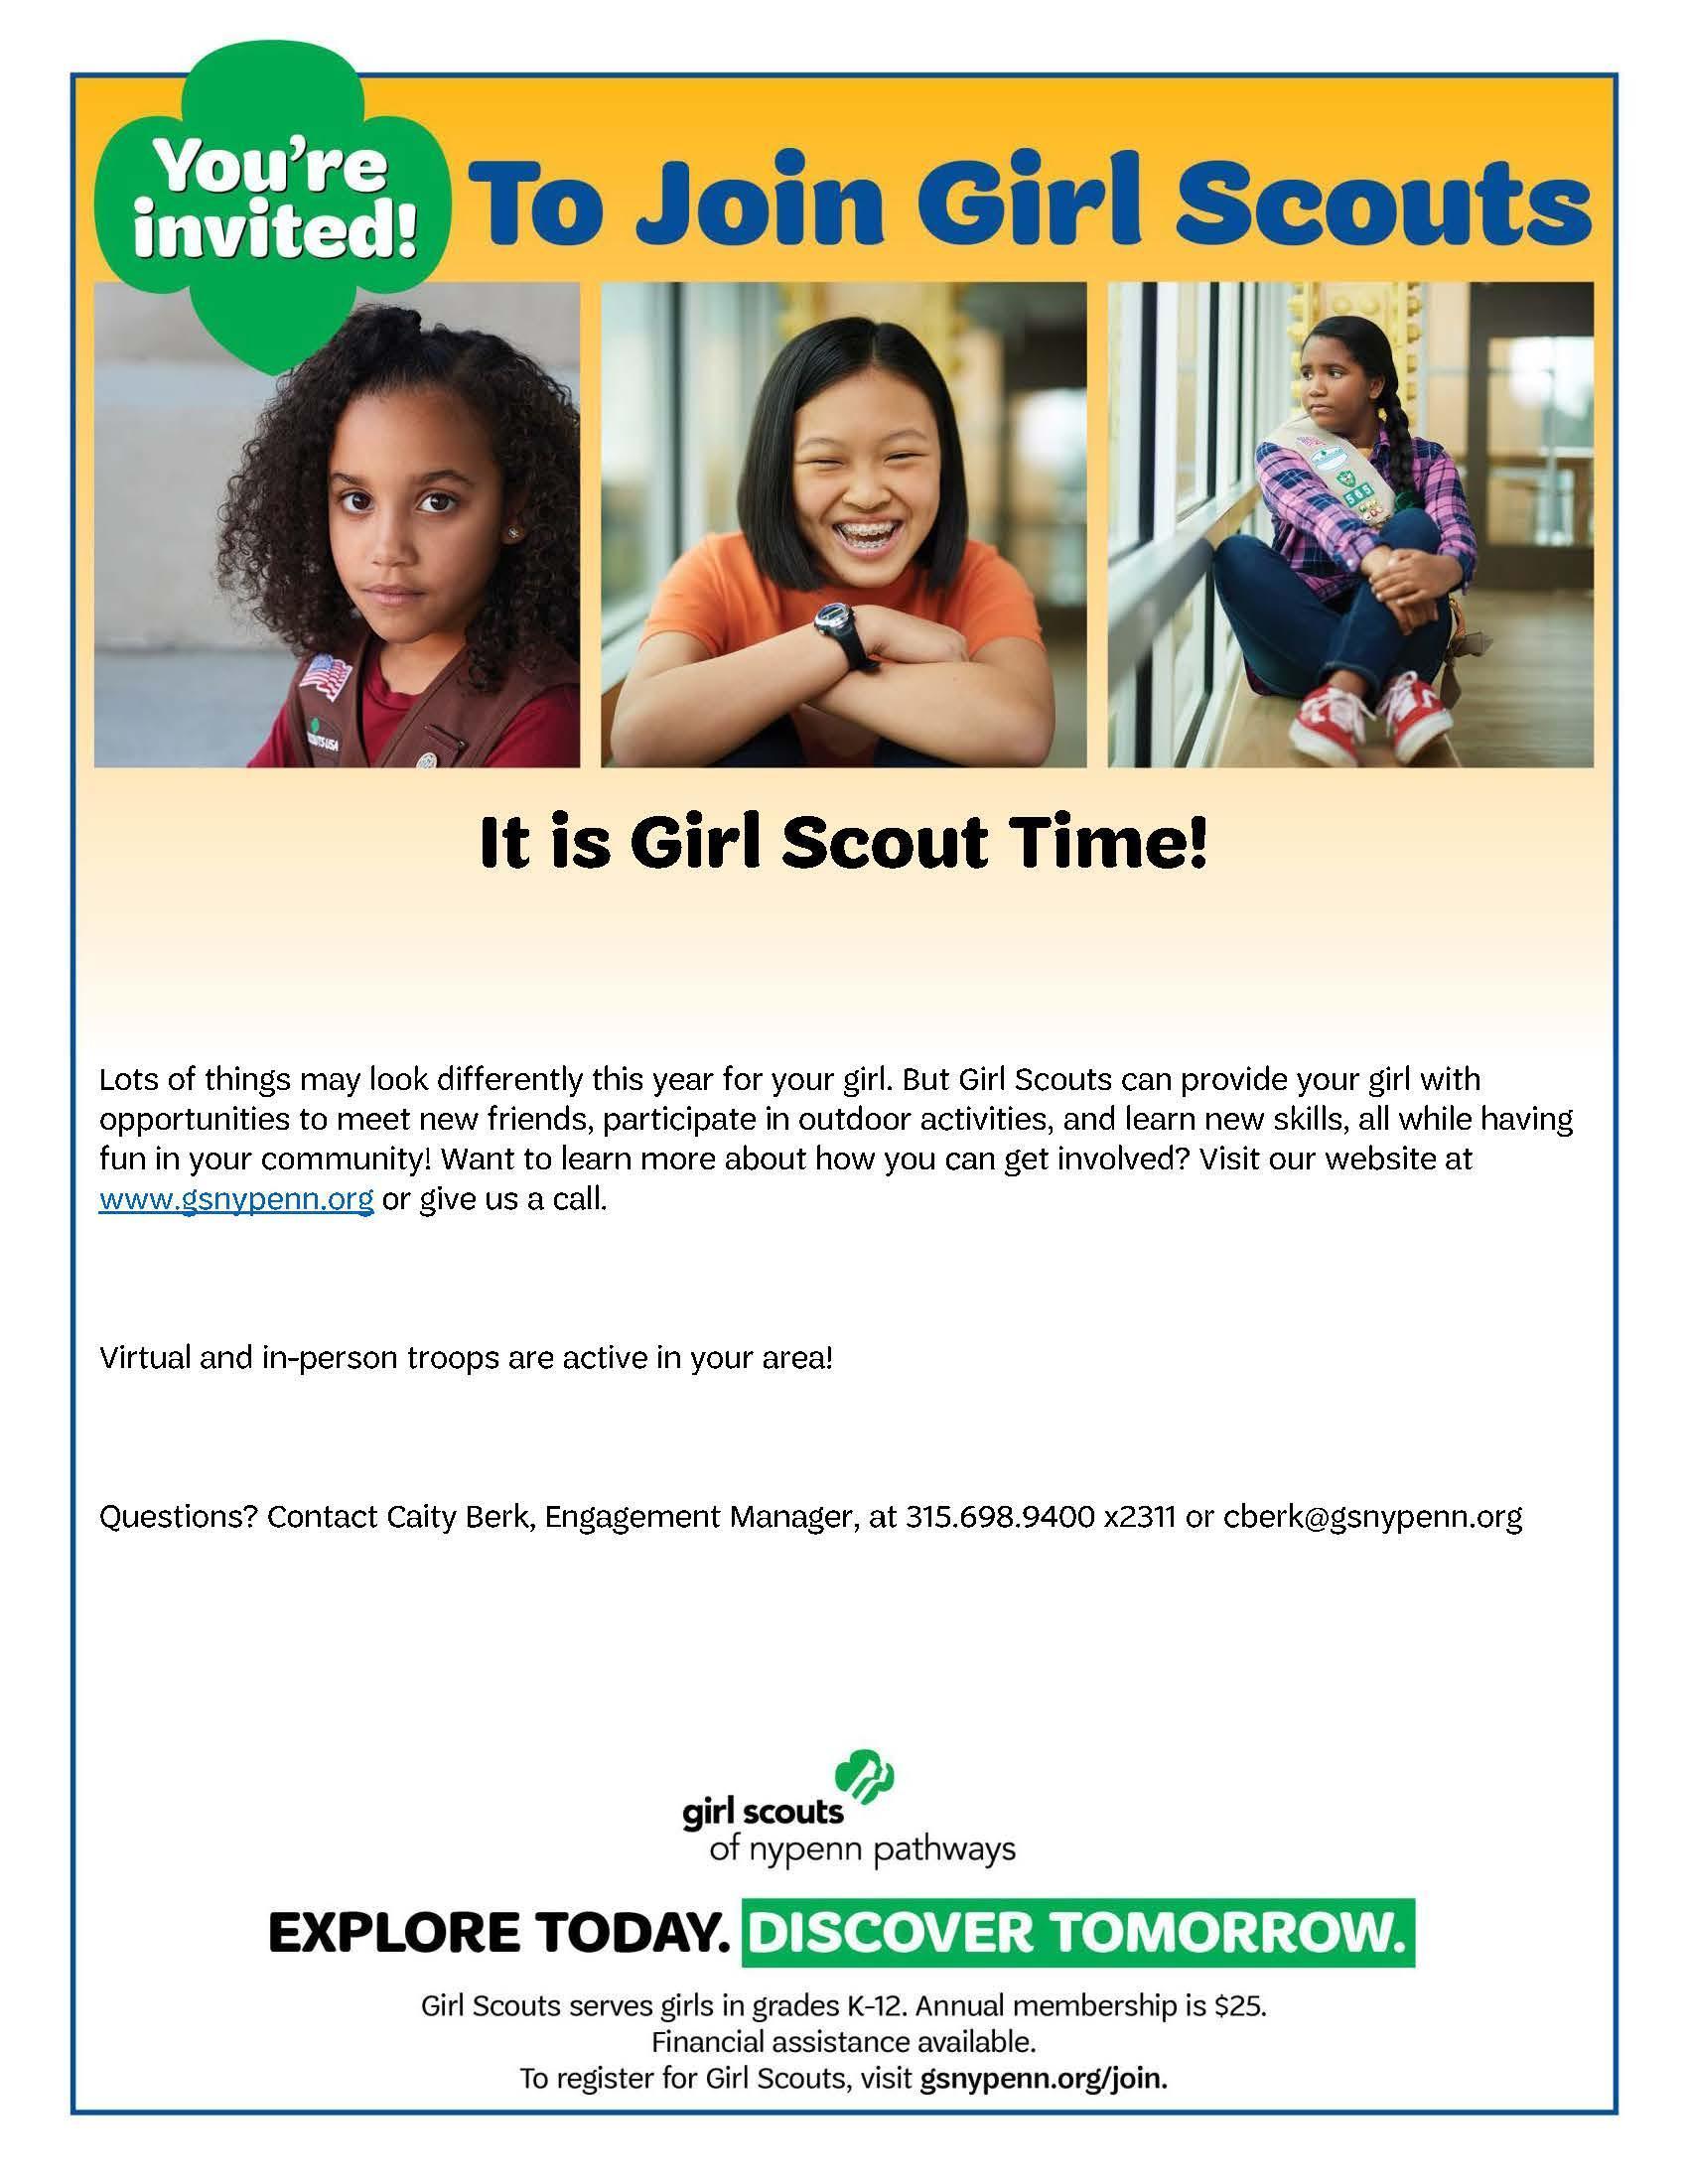 GS Recruitment